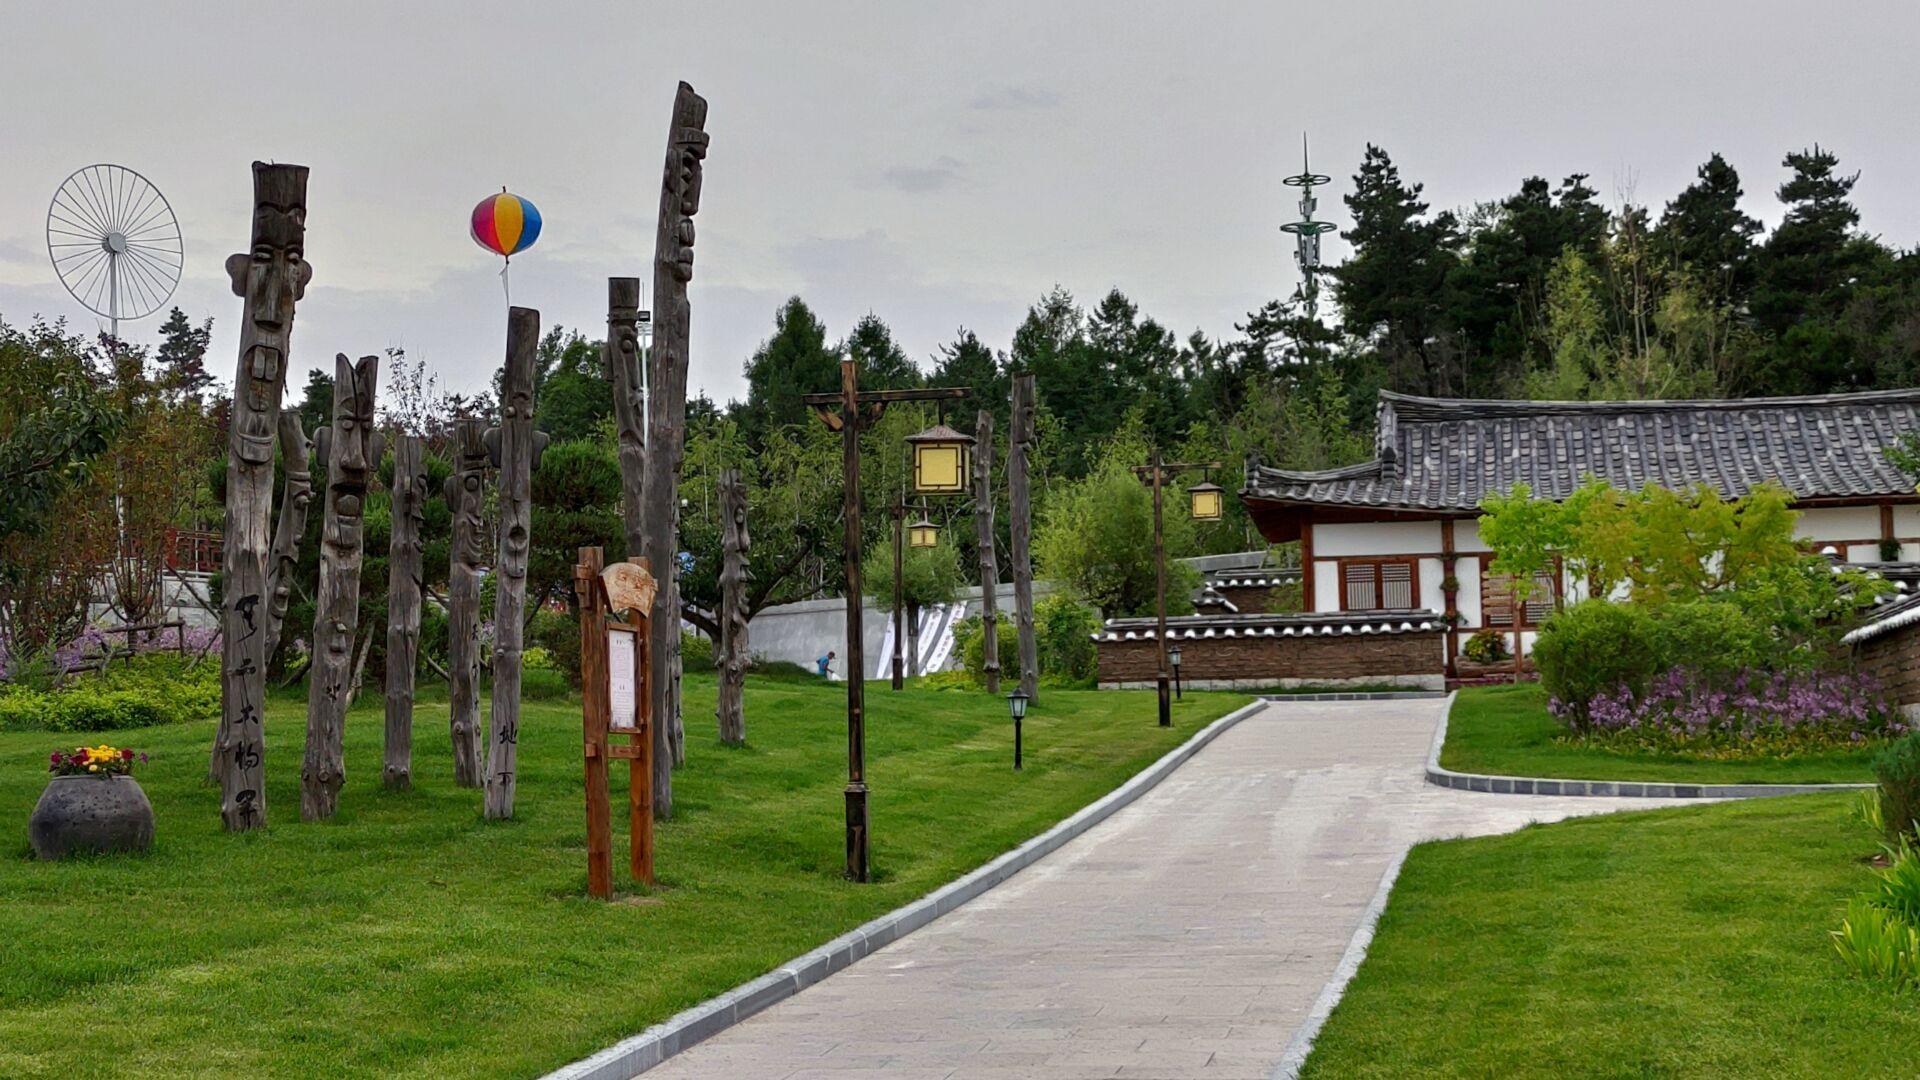 中国朝鲜族民俗园内